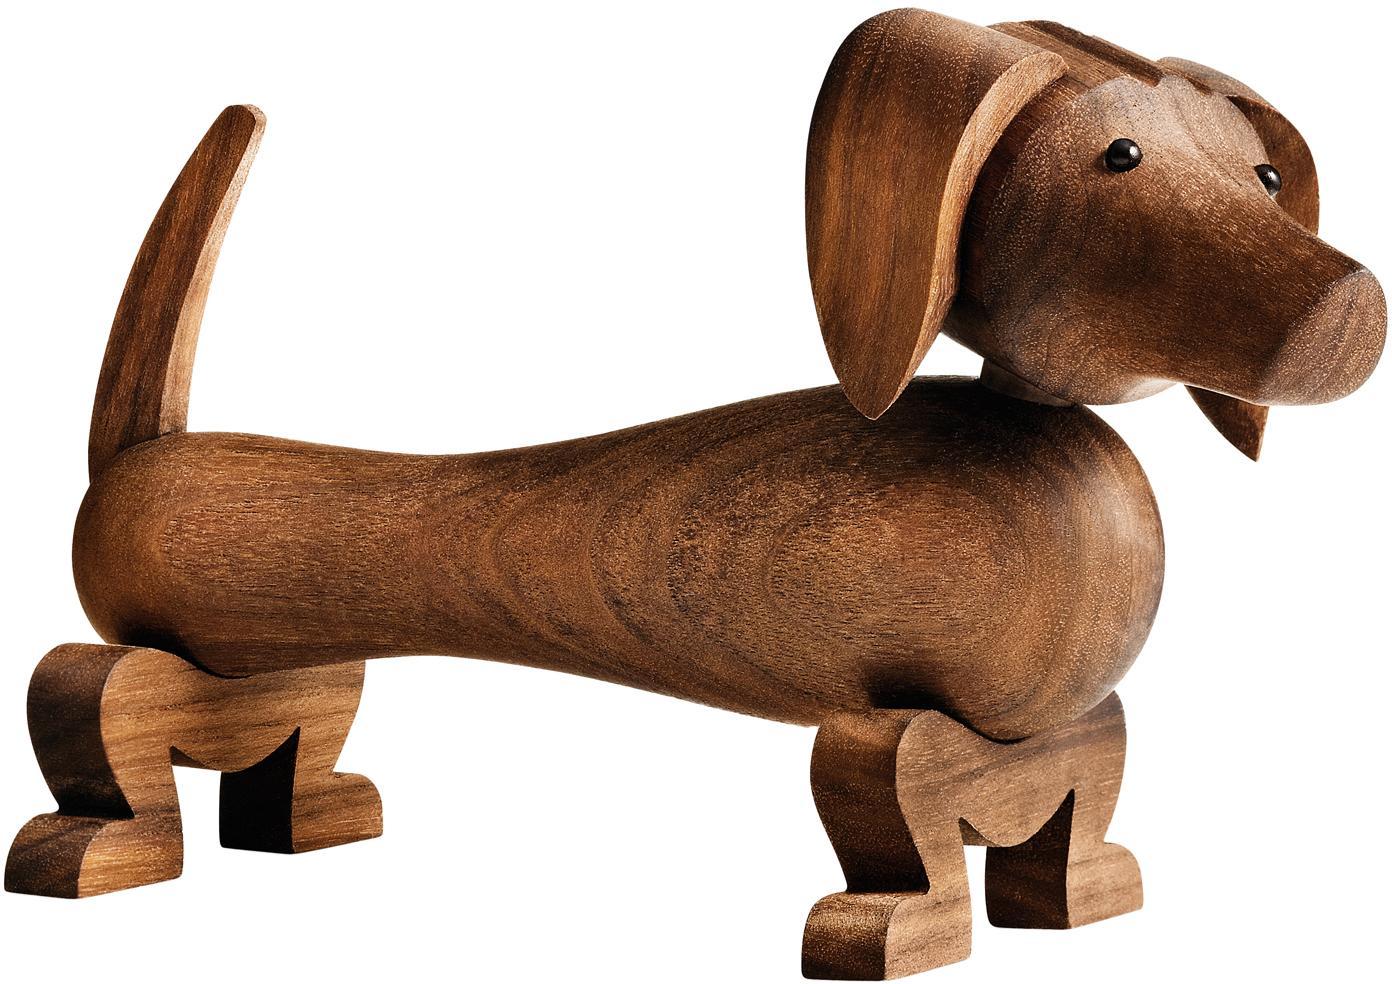 Oggetto decorativo in legno Dog, Legno di noce verniciato, Legno di noce, Larg. 18 x Alt. 11 cm